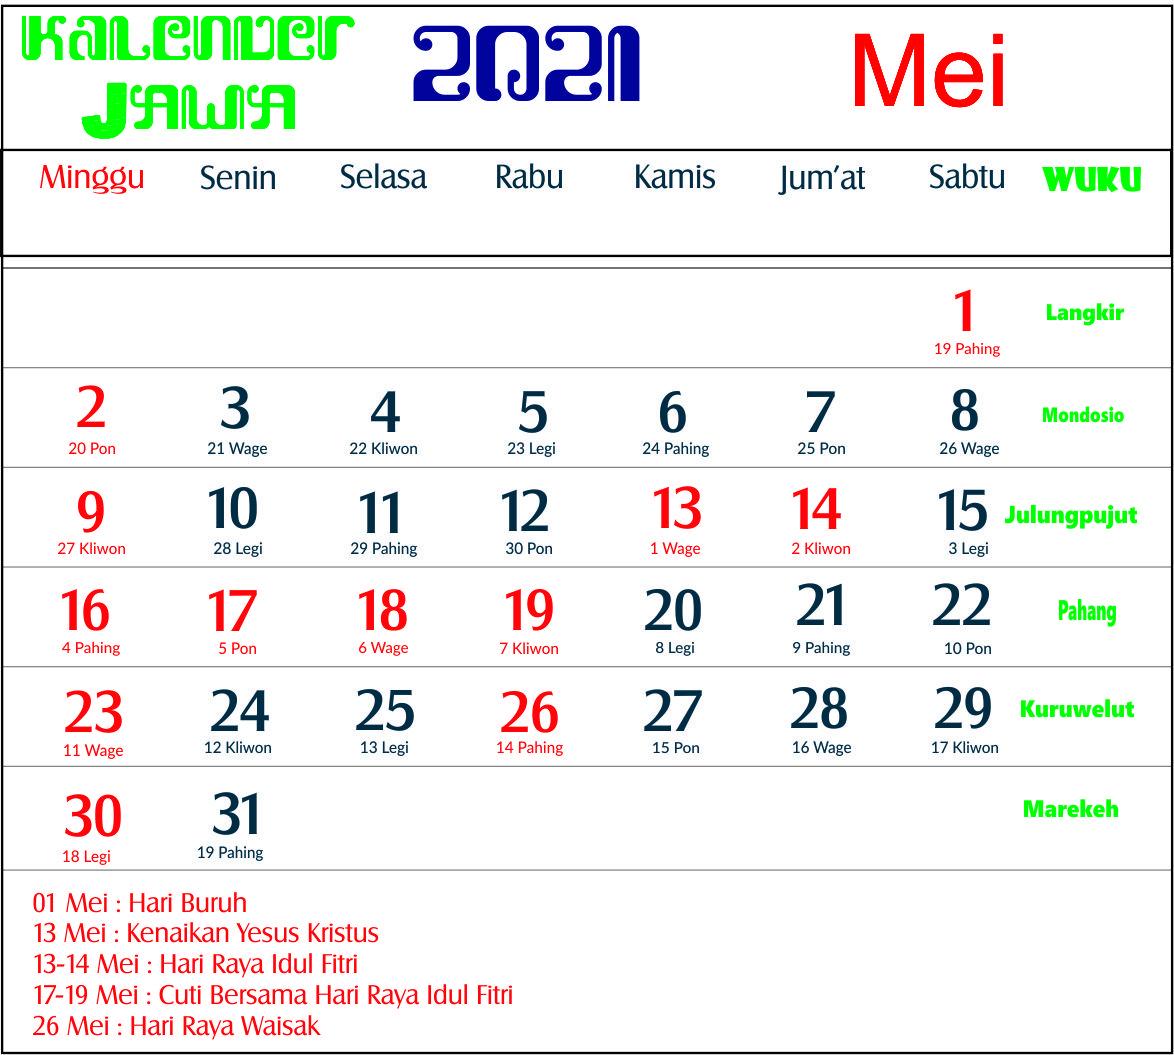 Raya Idul Fitri Kalender 2021 Lengkap - Crimealirik Page